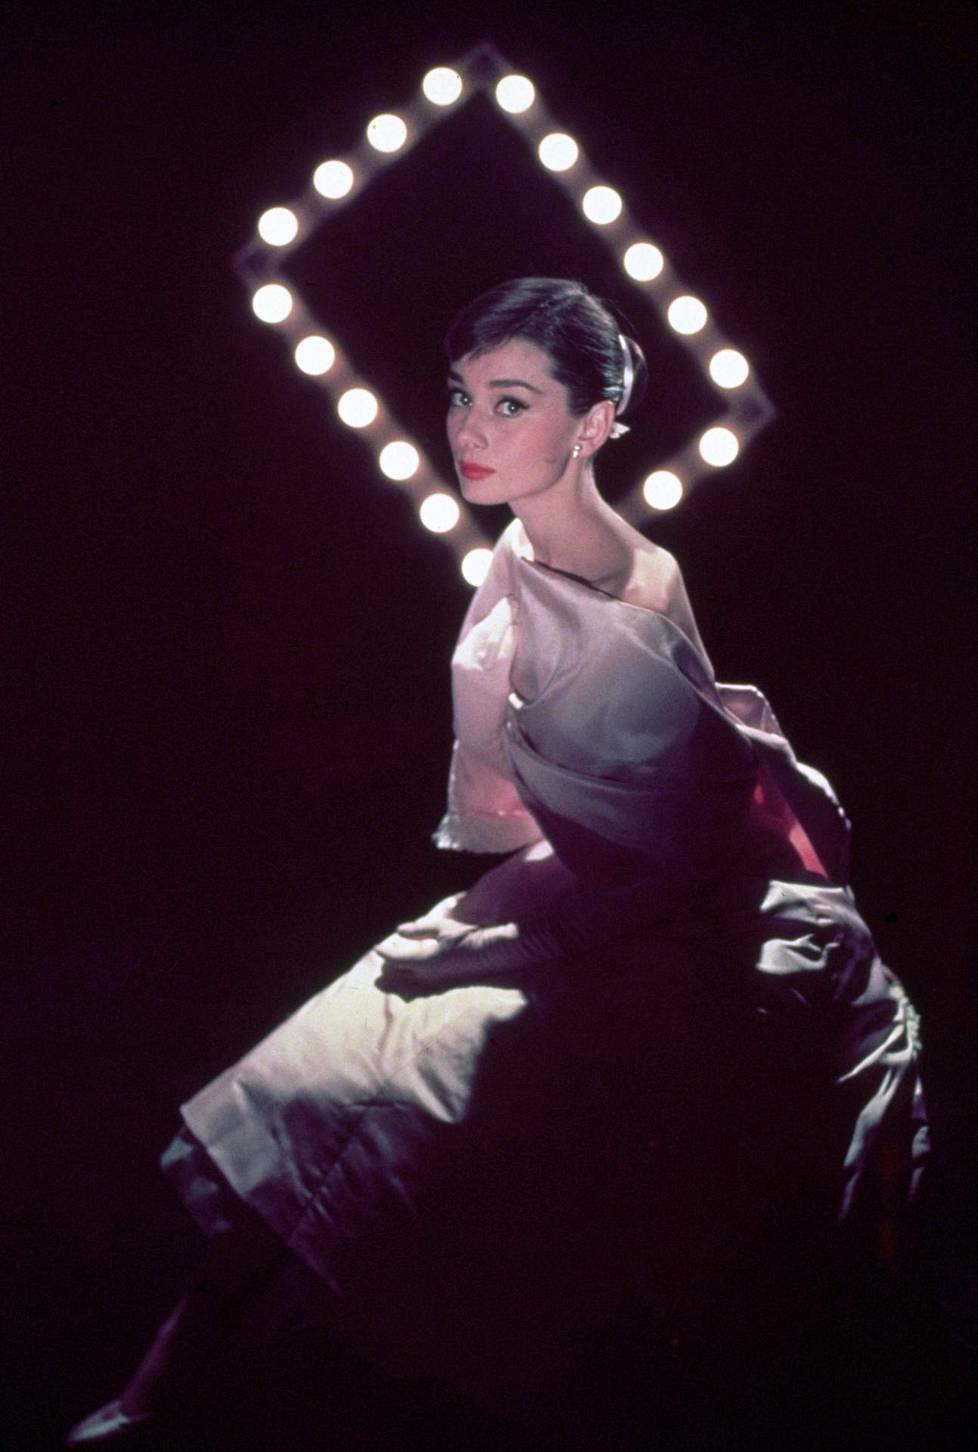 Rakastunut Pariisissa -elokuvaa varten otettu valokuva, 1957.